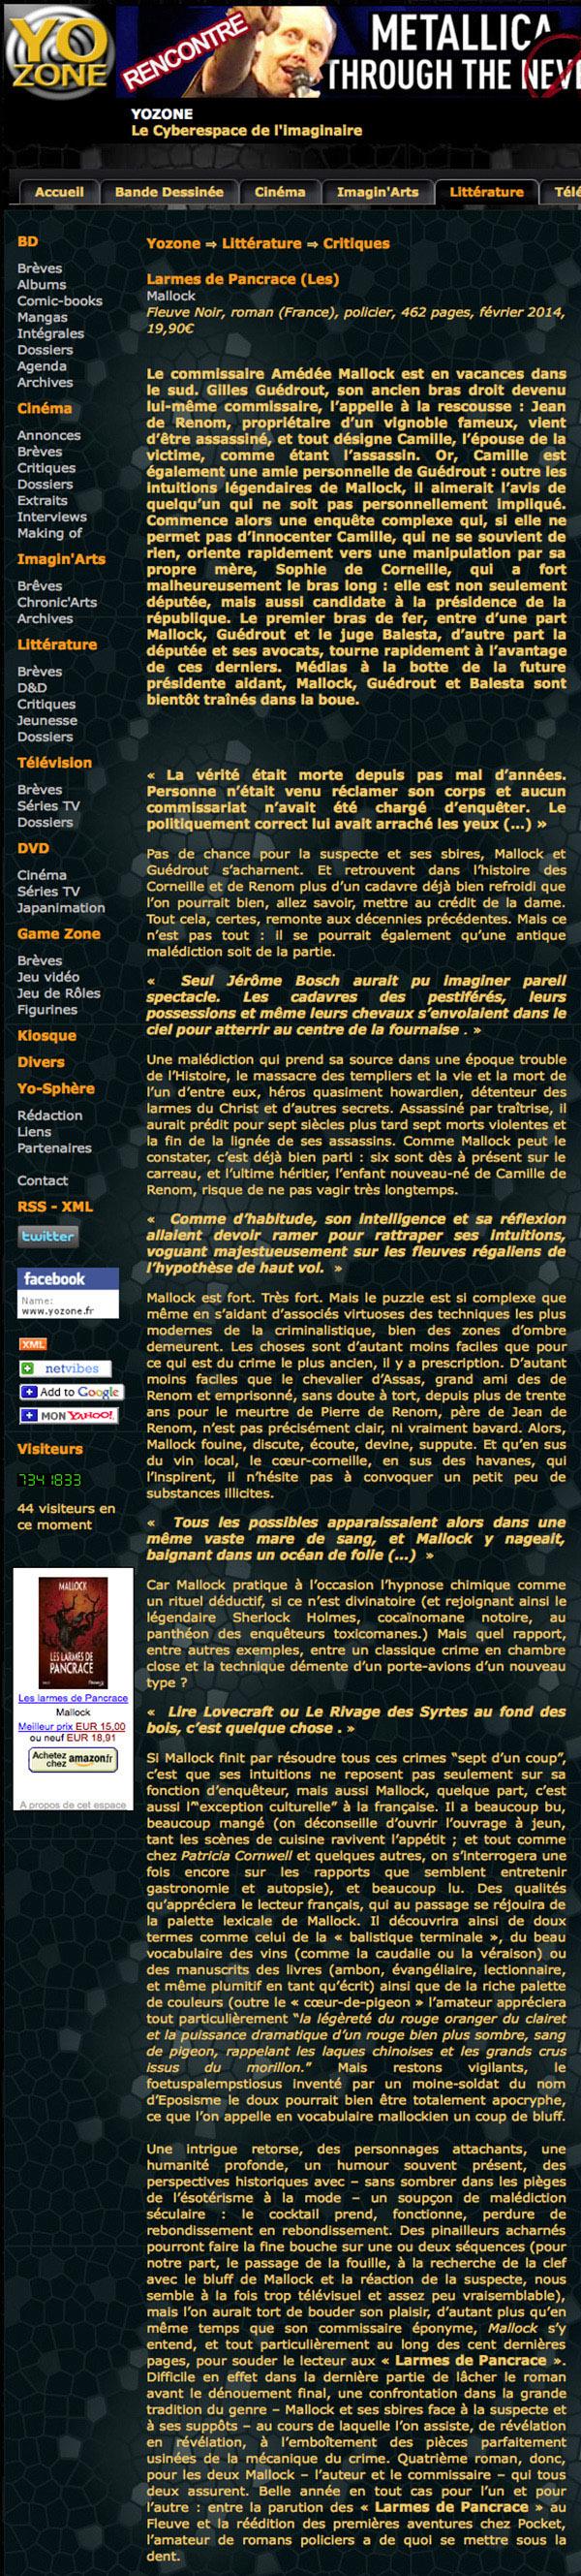 Larmes de Pancrace (Les) - Mallock - Le Monde de YO - Le cyber-espace de tous les imaginaires - Yozone